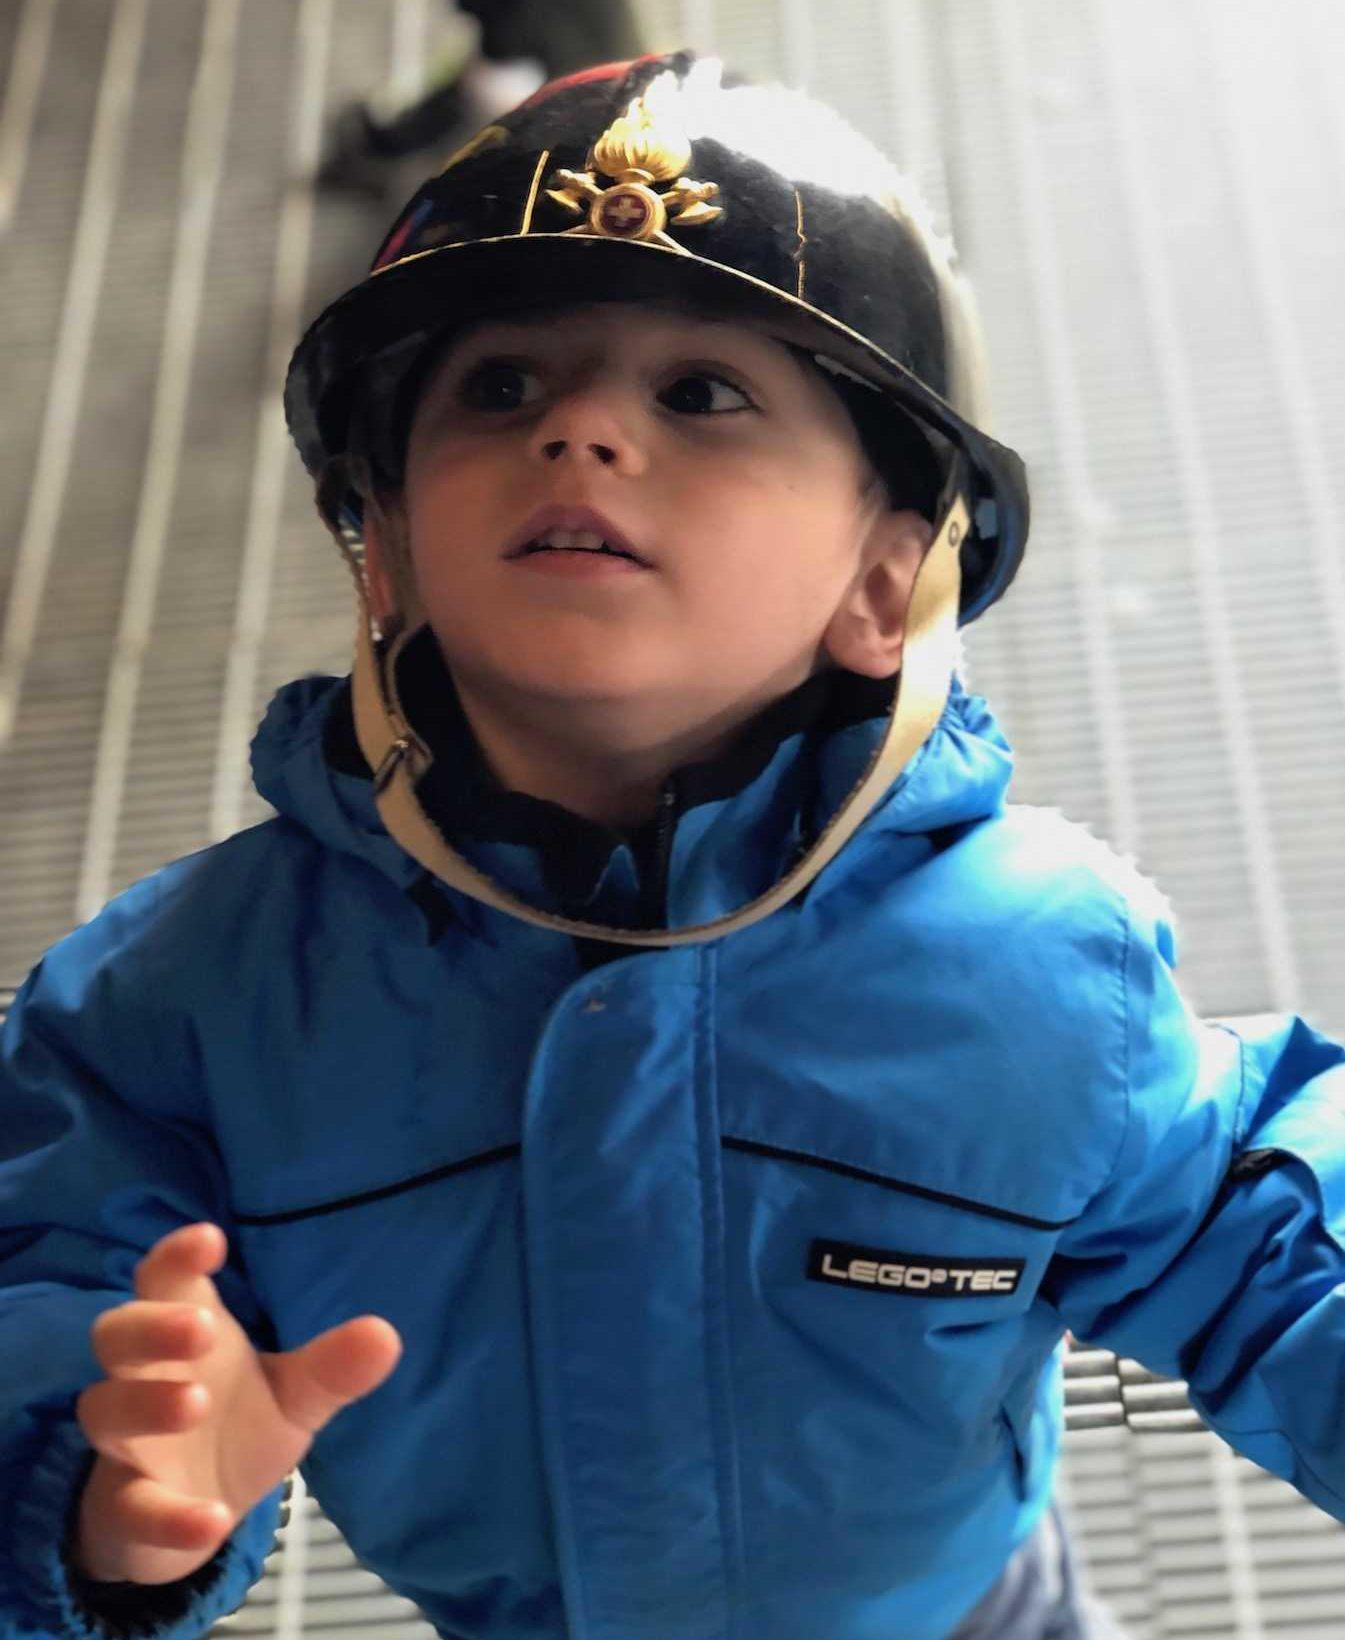 bambino-indossa-casco-da-minatore